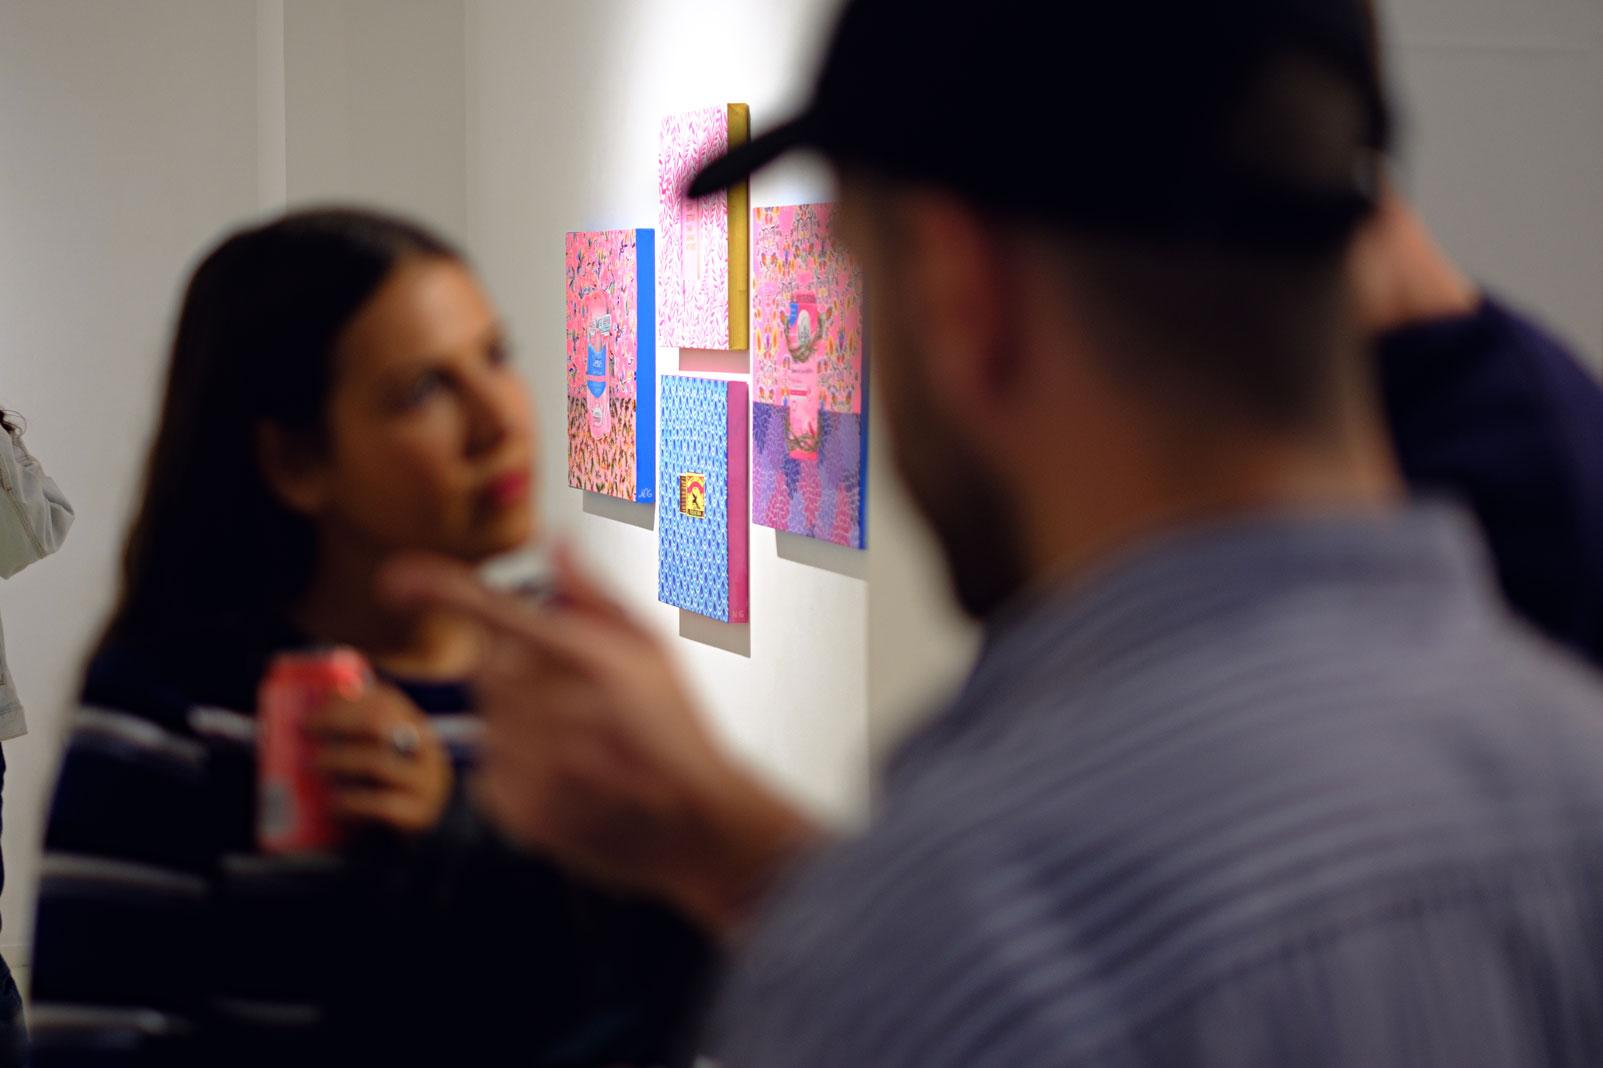 Exposición en la Galería Arancha Osoro